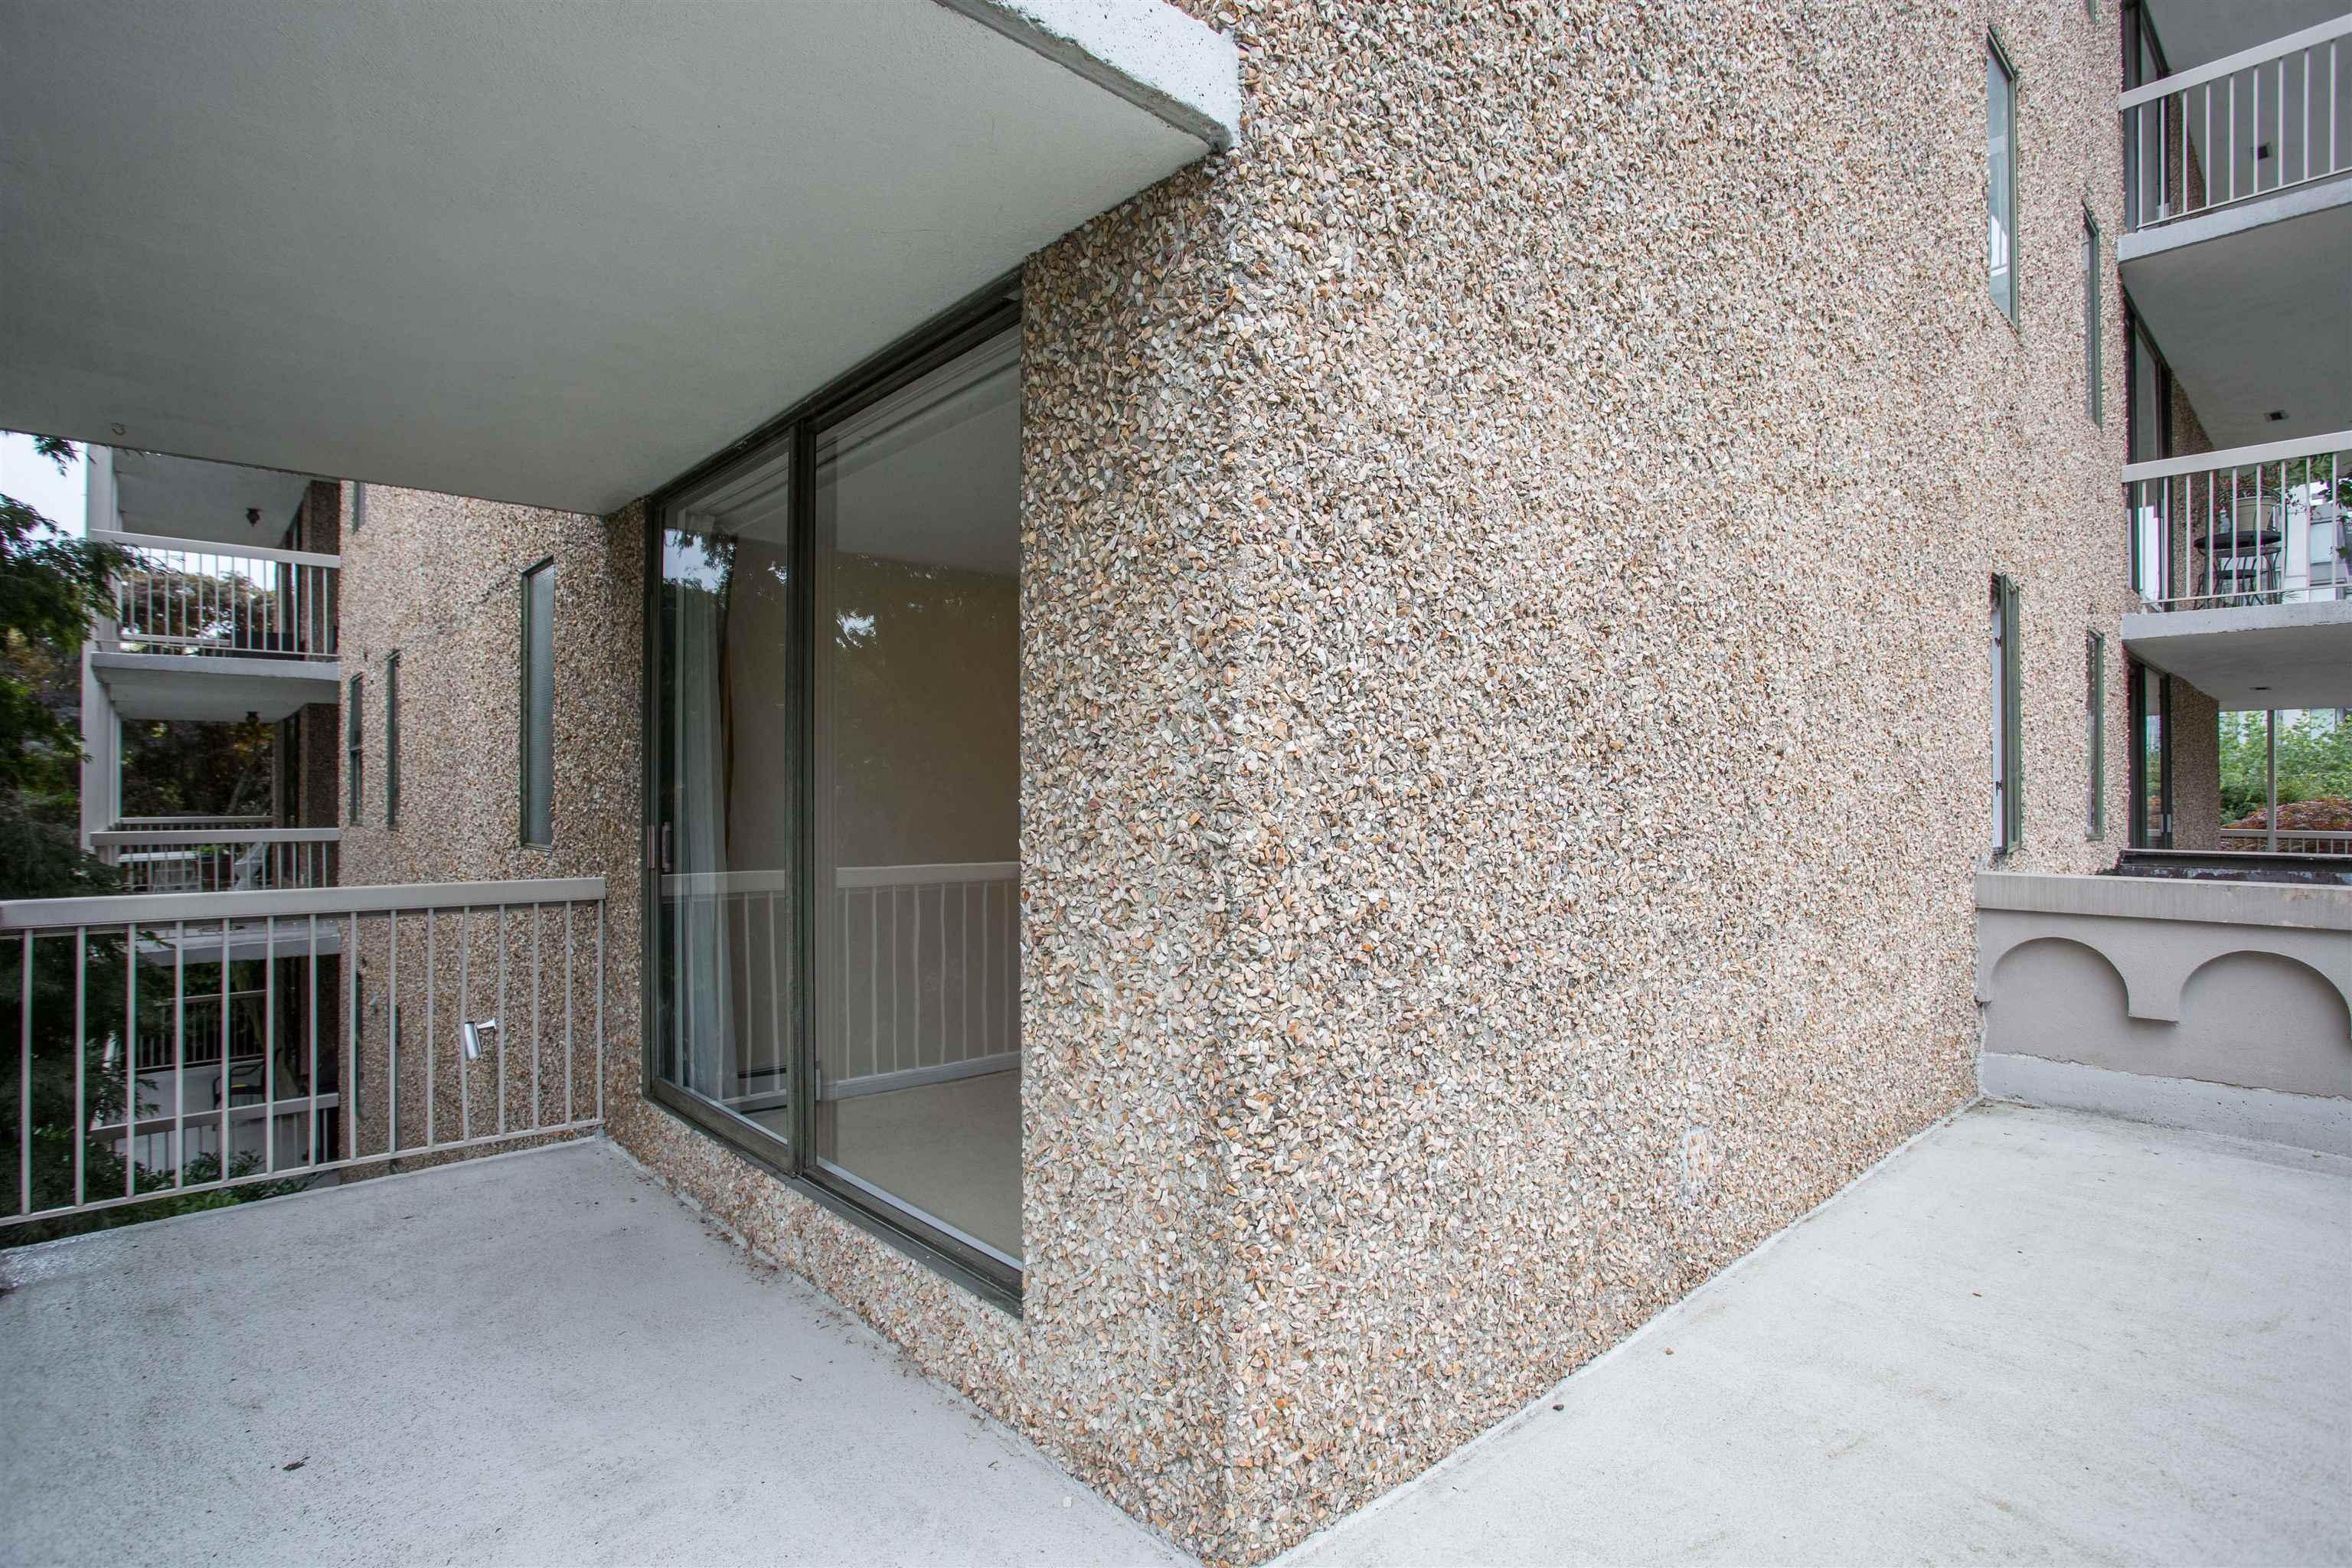 203 1390 DUCHESS AVENUE - Ambleside Apartment/Condo for sale, 1 Bedroom (R2611618) - #33